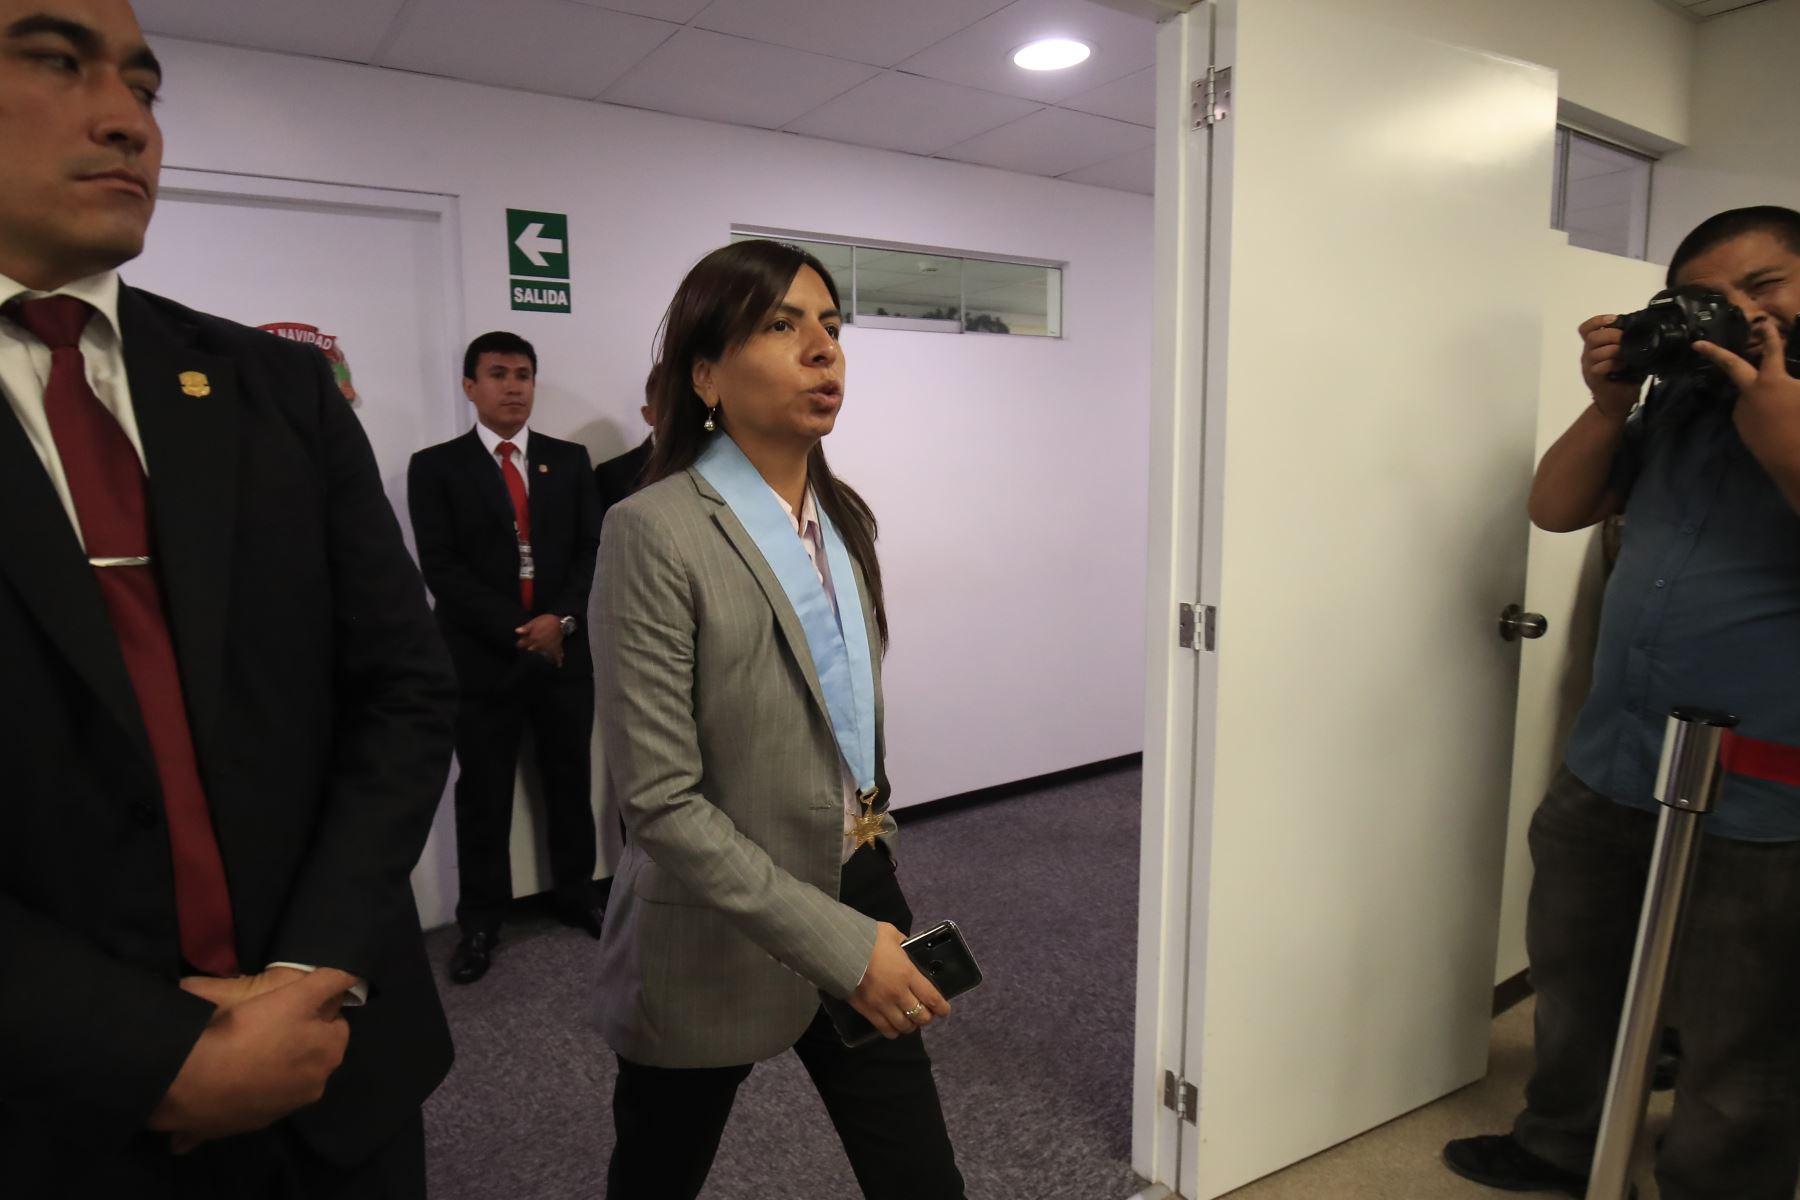 El jueves continúa audiencia de prisión preventiva — Caso Keiko Fujimori